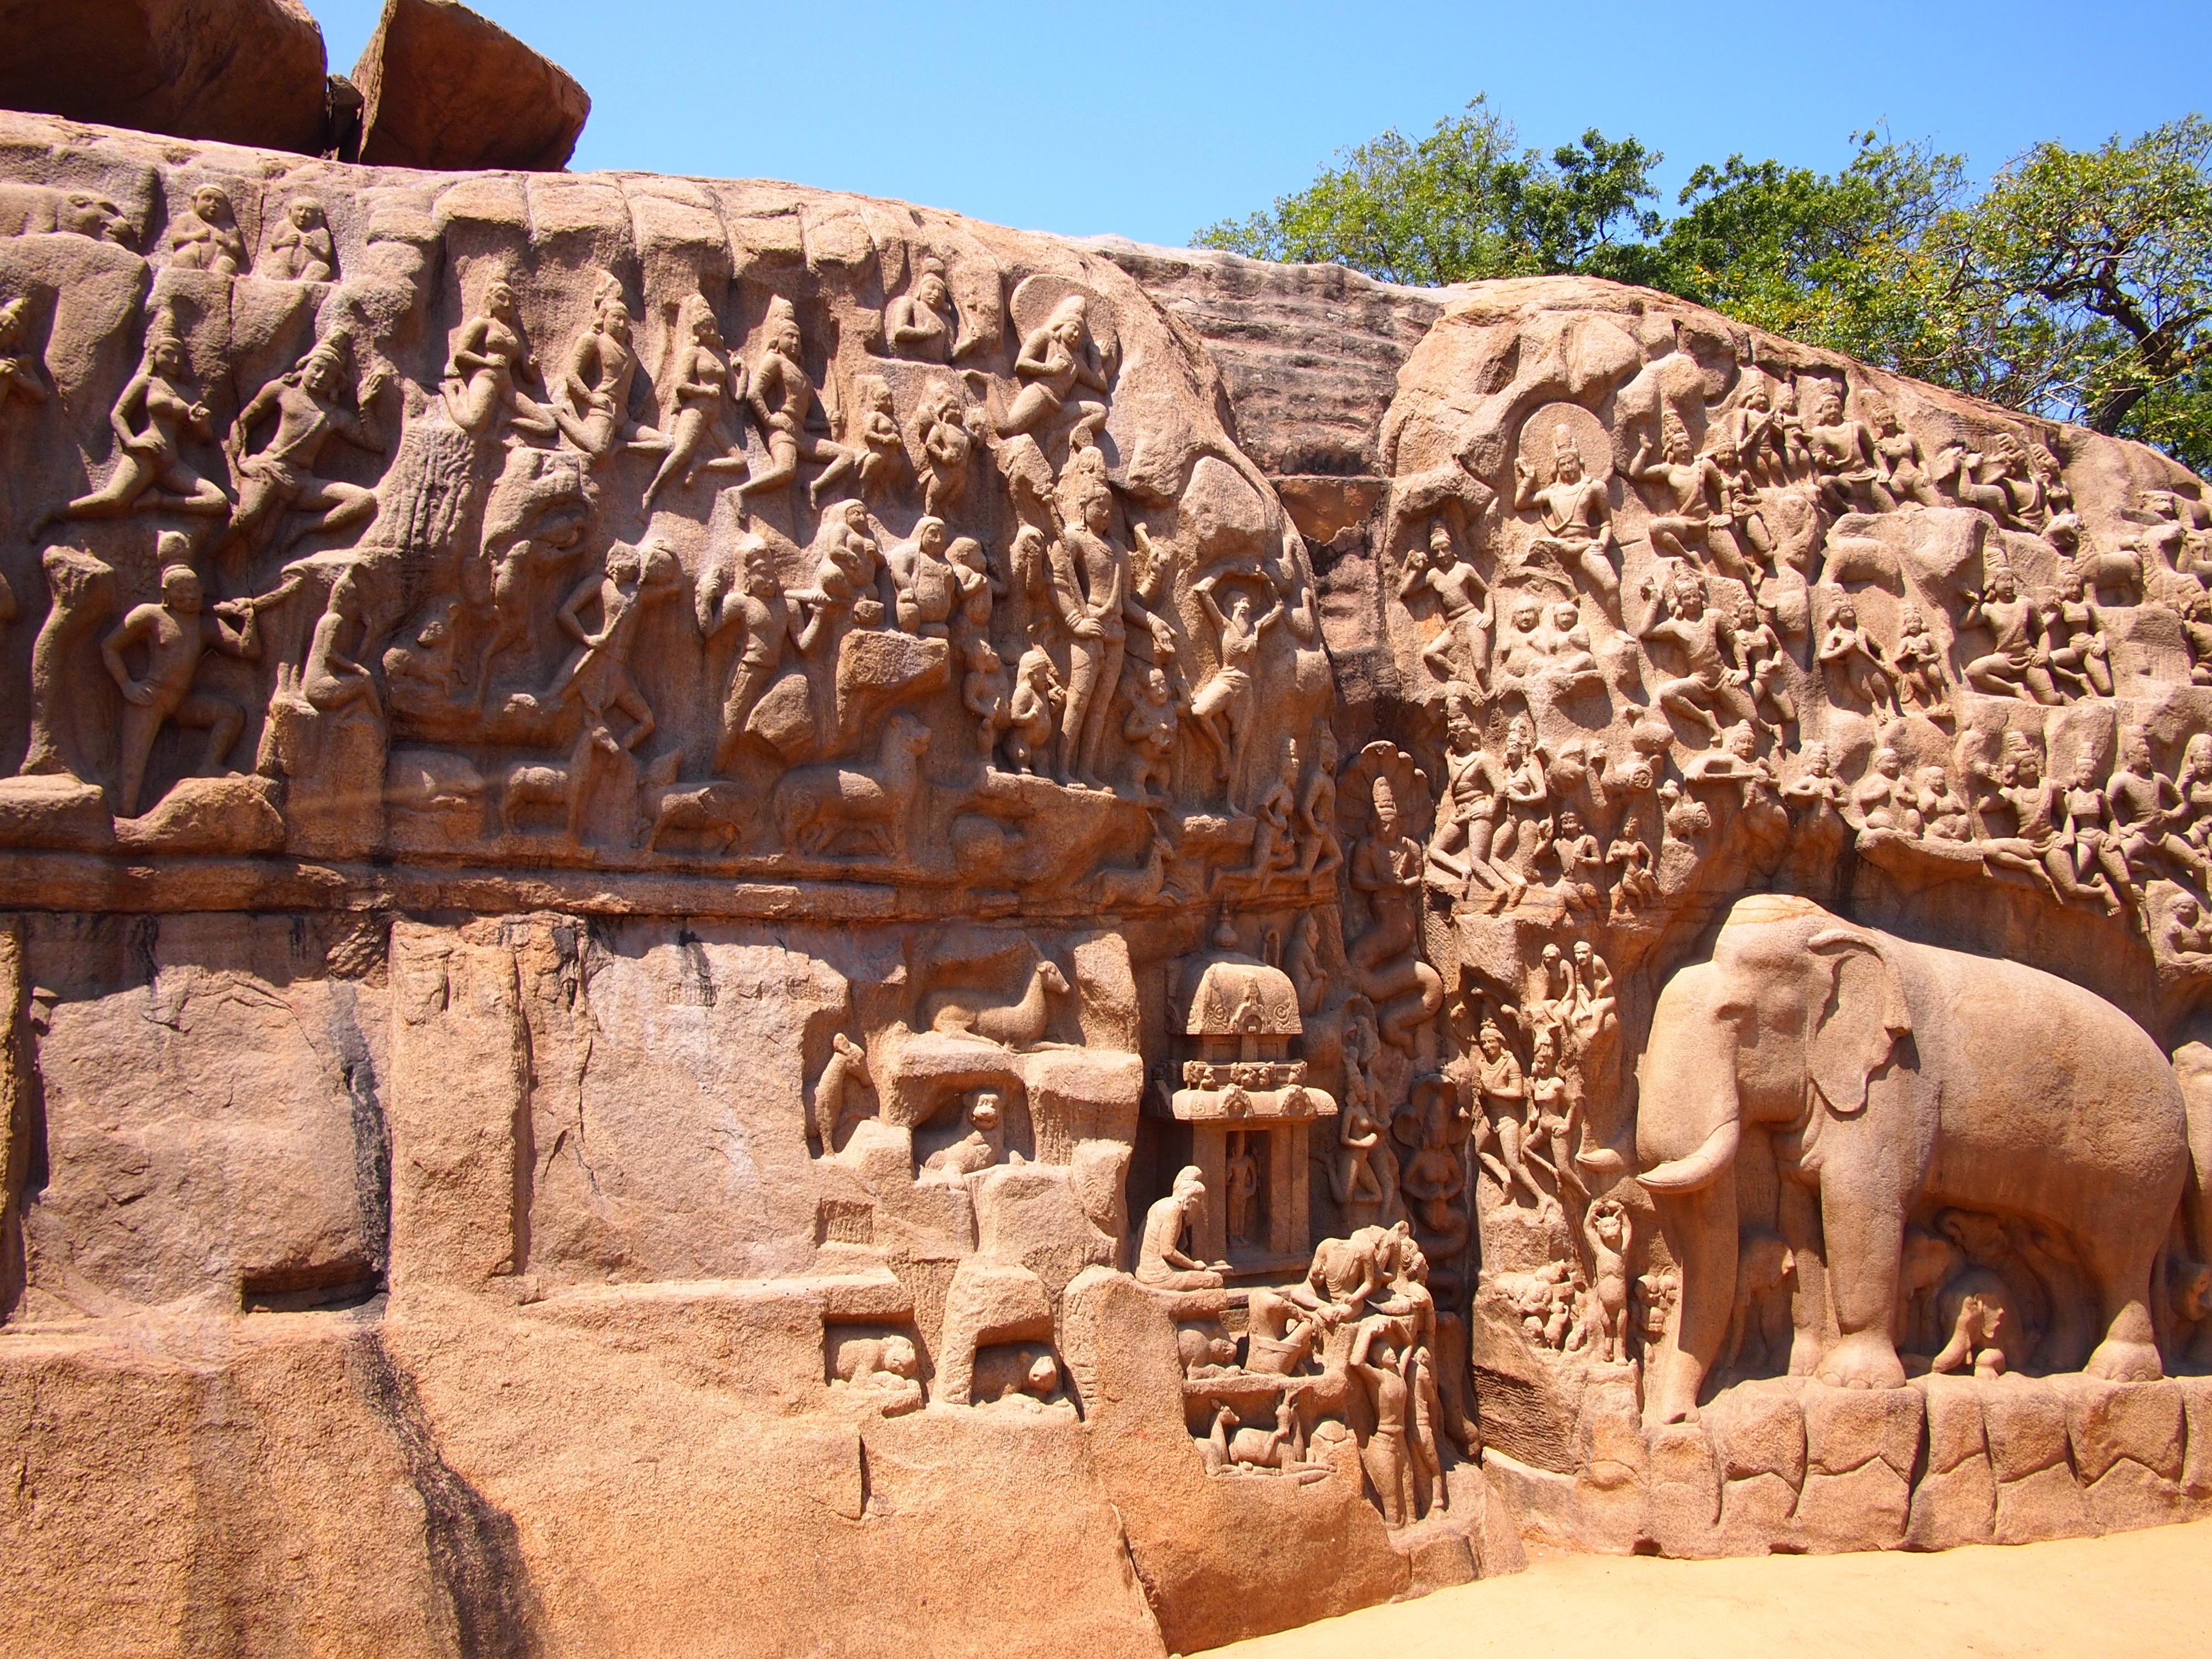 Audio Tour of Mahabalipuram